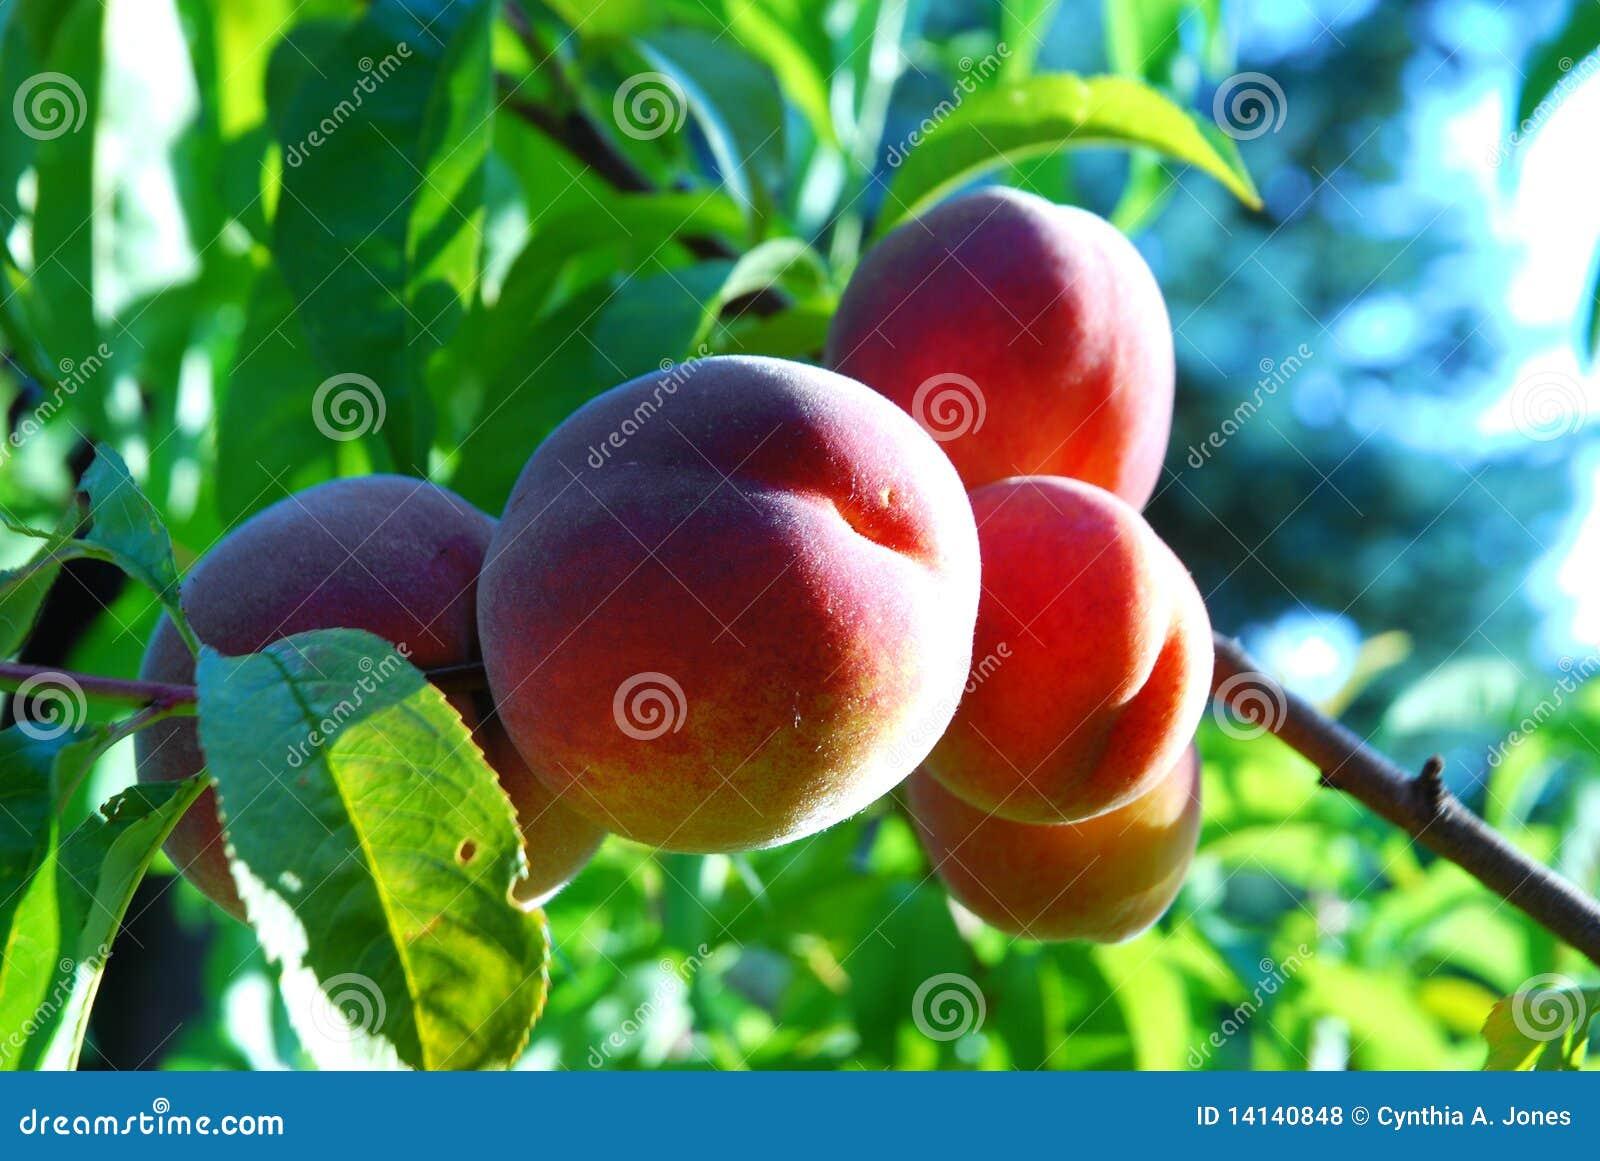 红色避风港的桃子